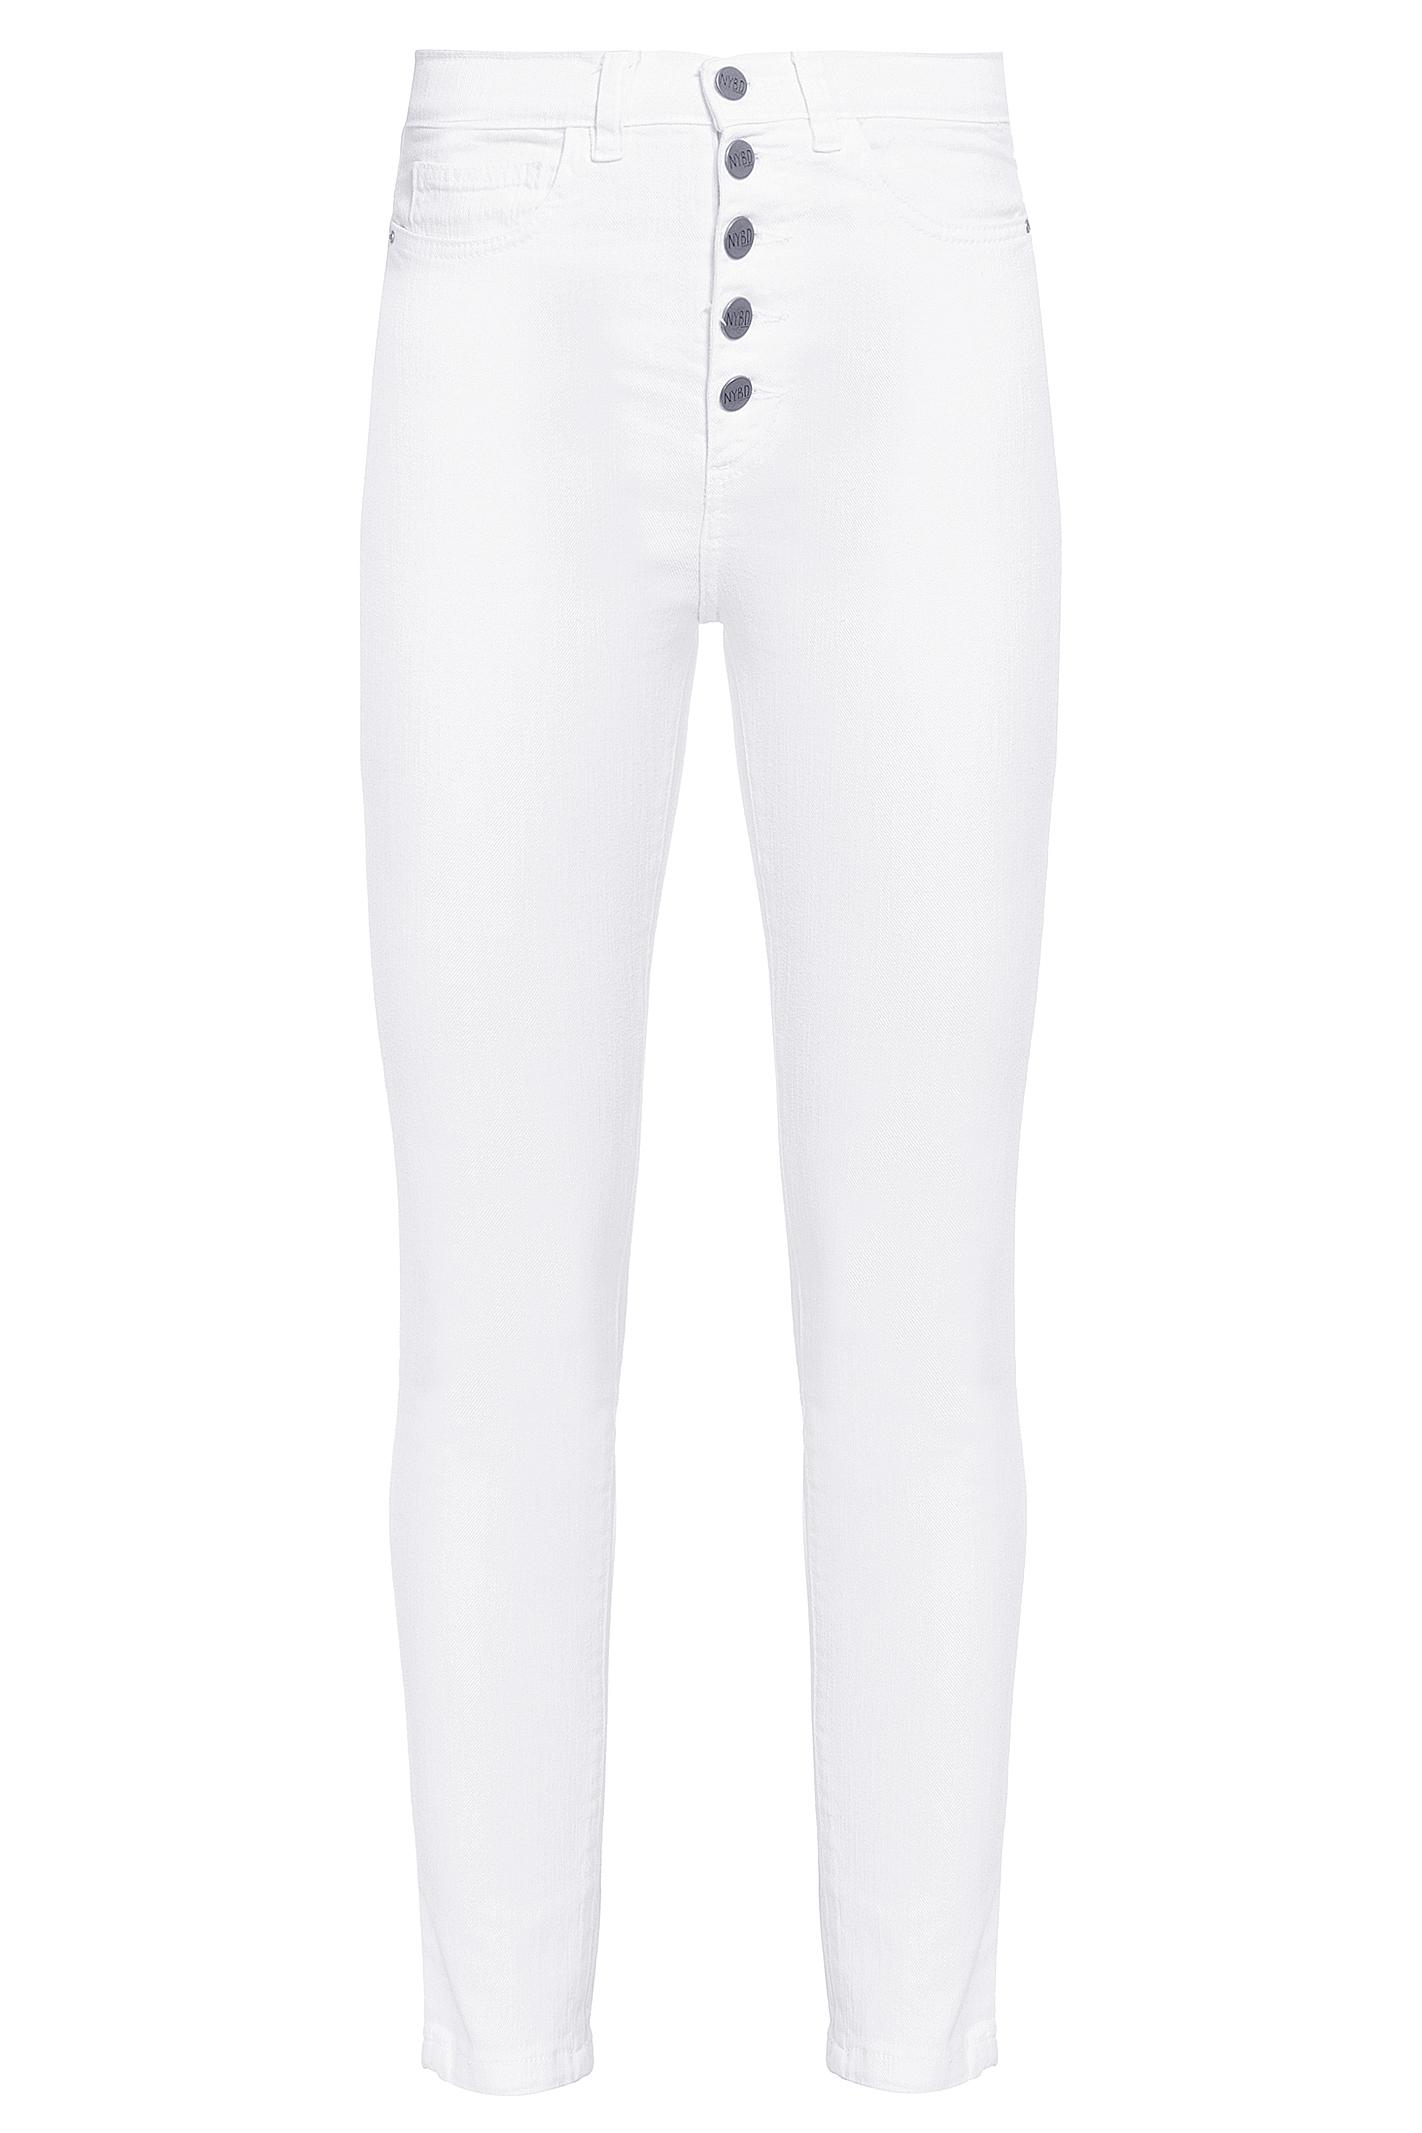 Calça Skinny 5 Botões Branca